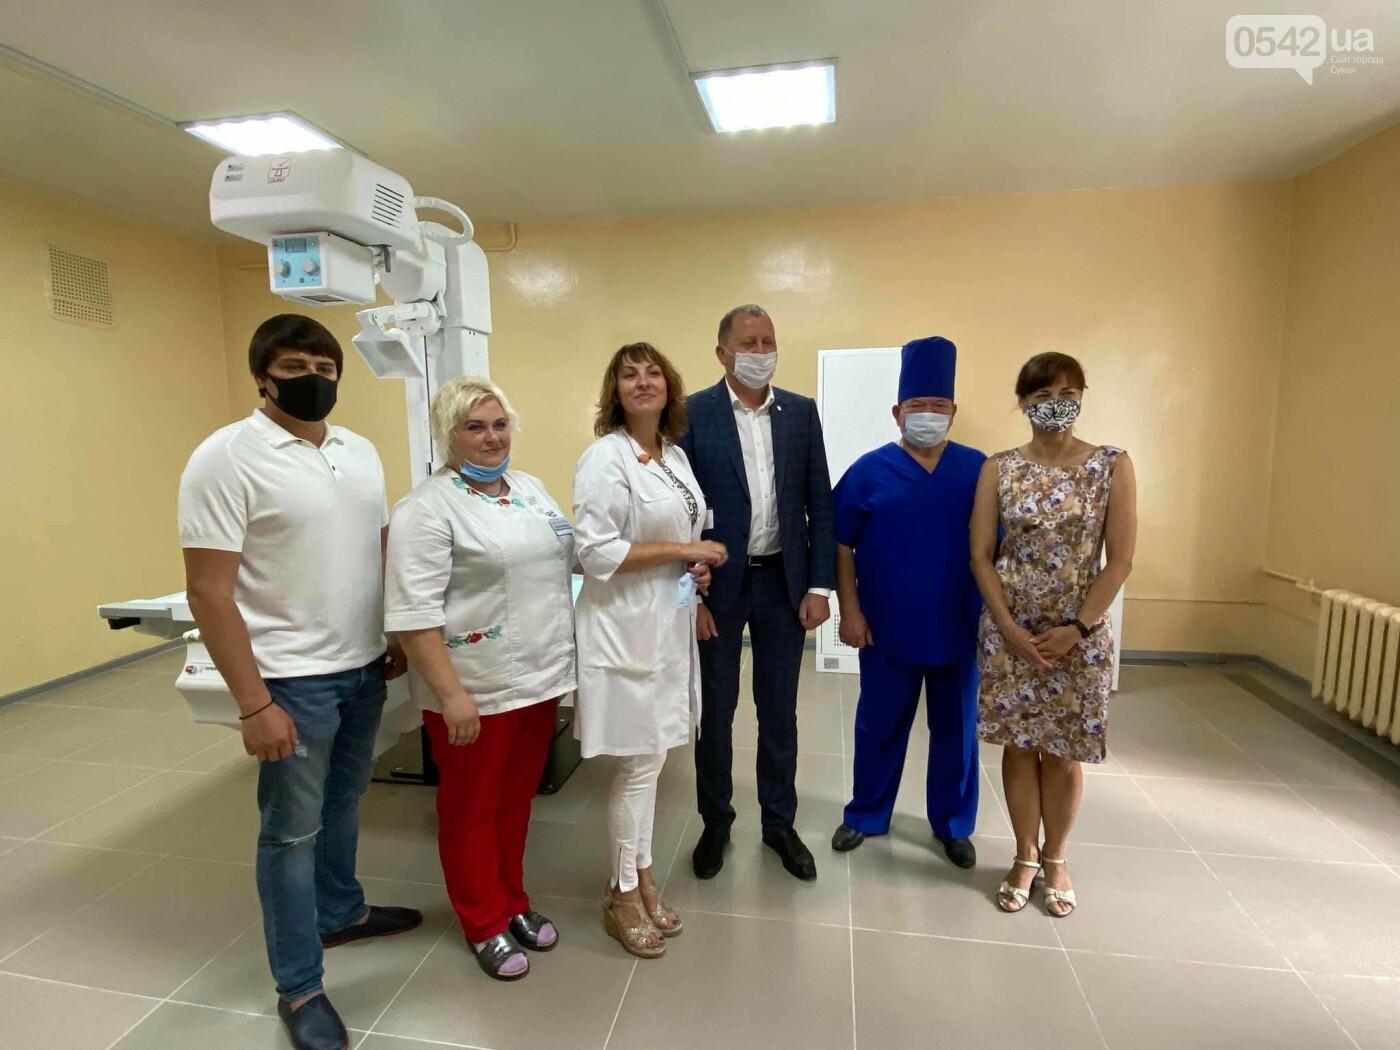 Олександр ЛИСЕНКО під час виїзної наради до 5 міської лікарні ознайомився з обладнанням, яке тепер буде використовуватися для діагностики з..., фото-2